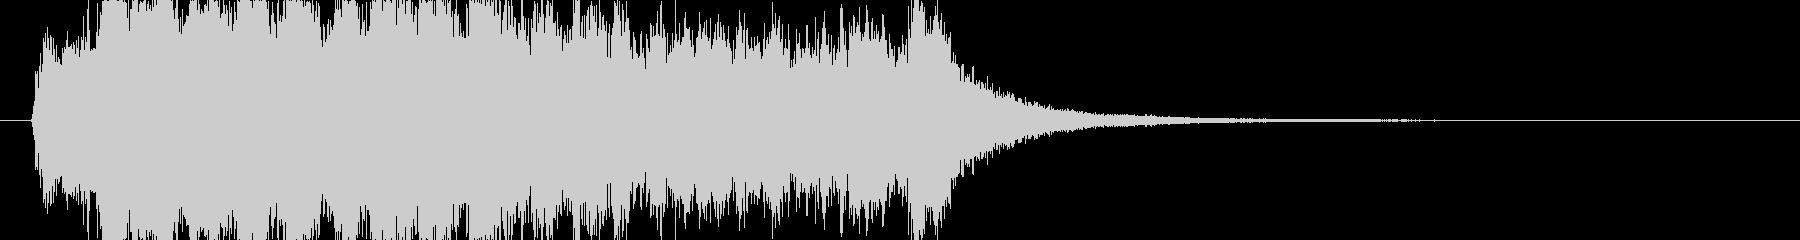 ディズニー風ジングル4の未再生の波形